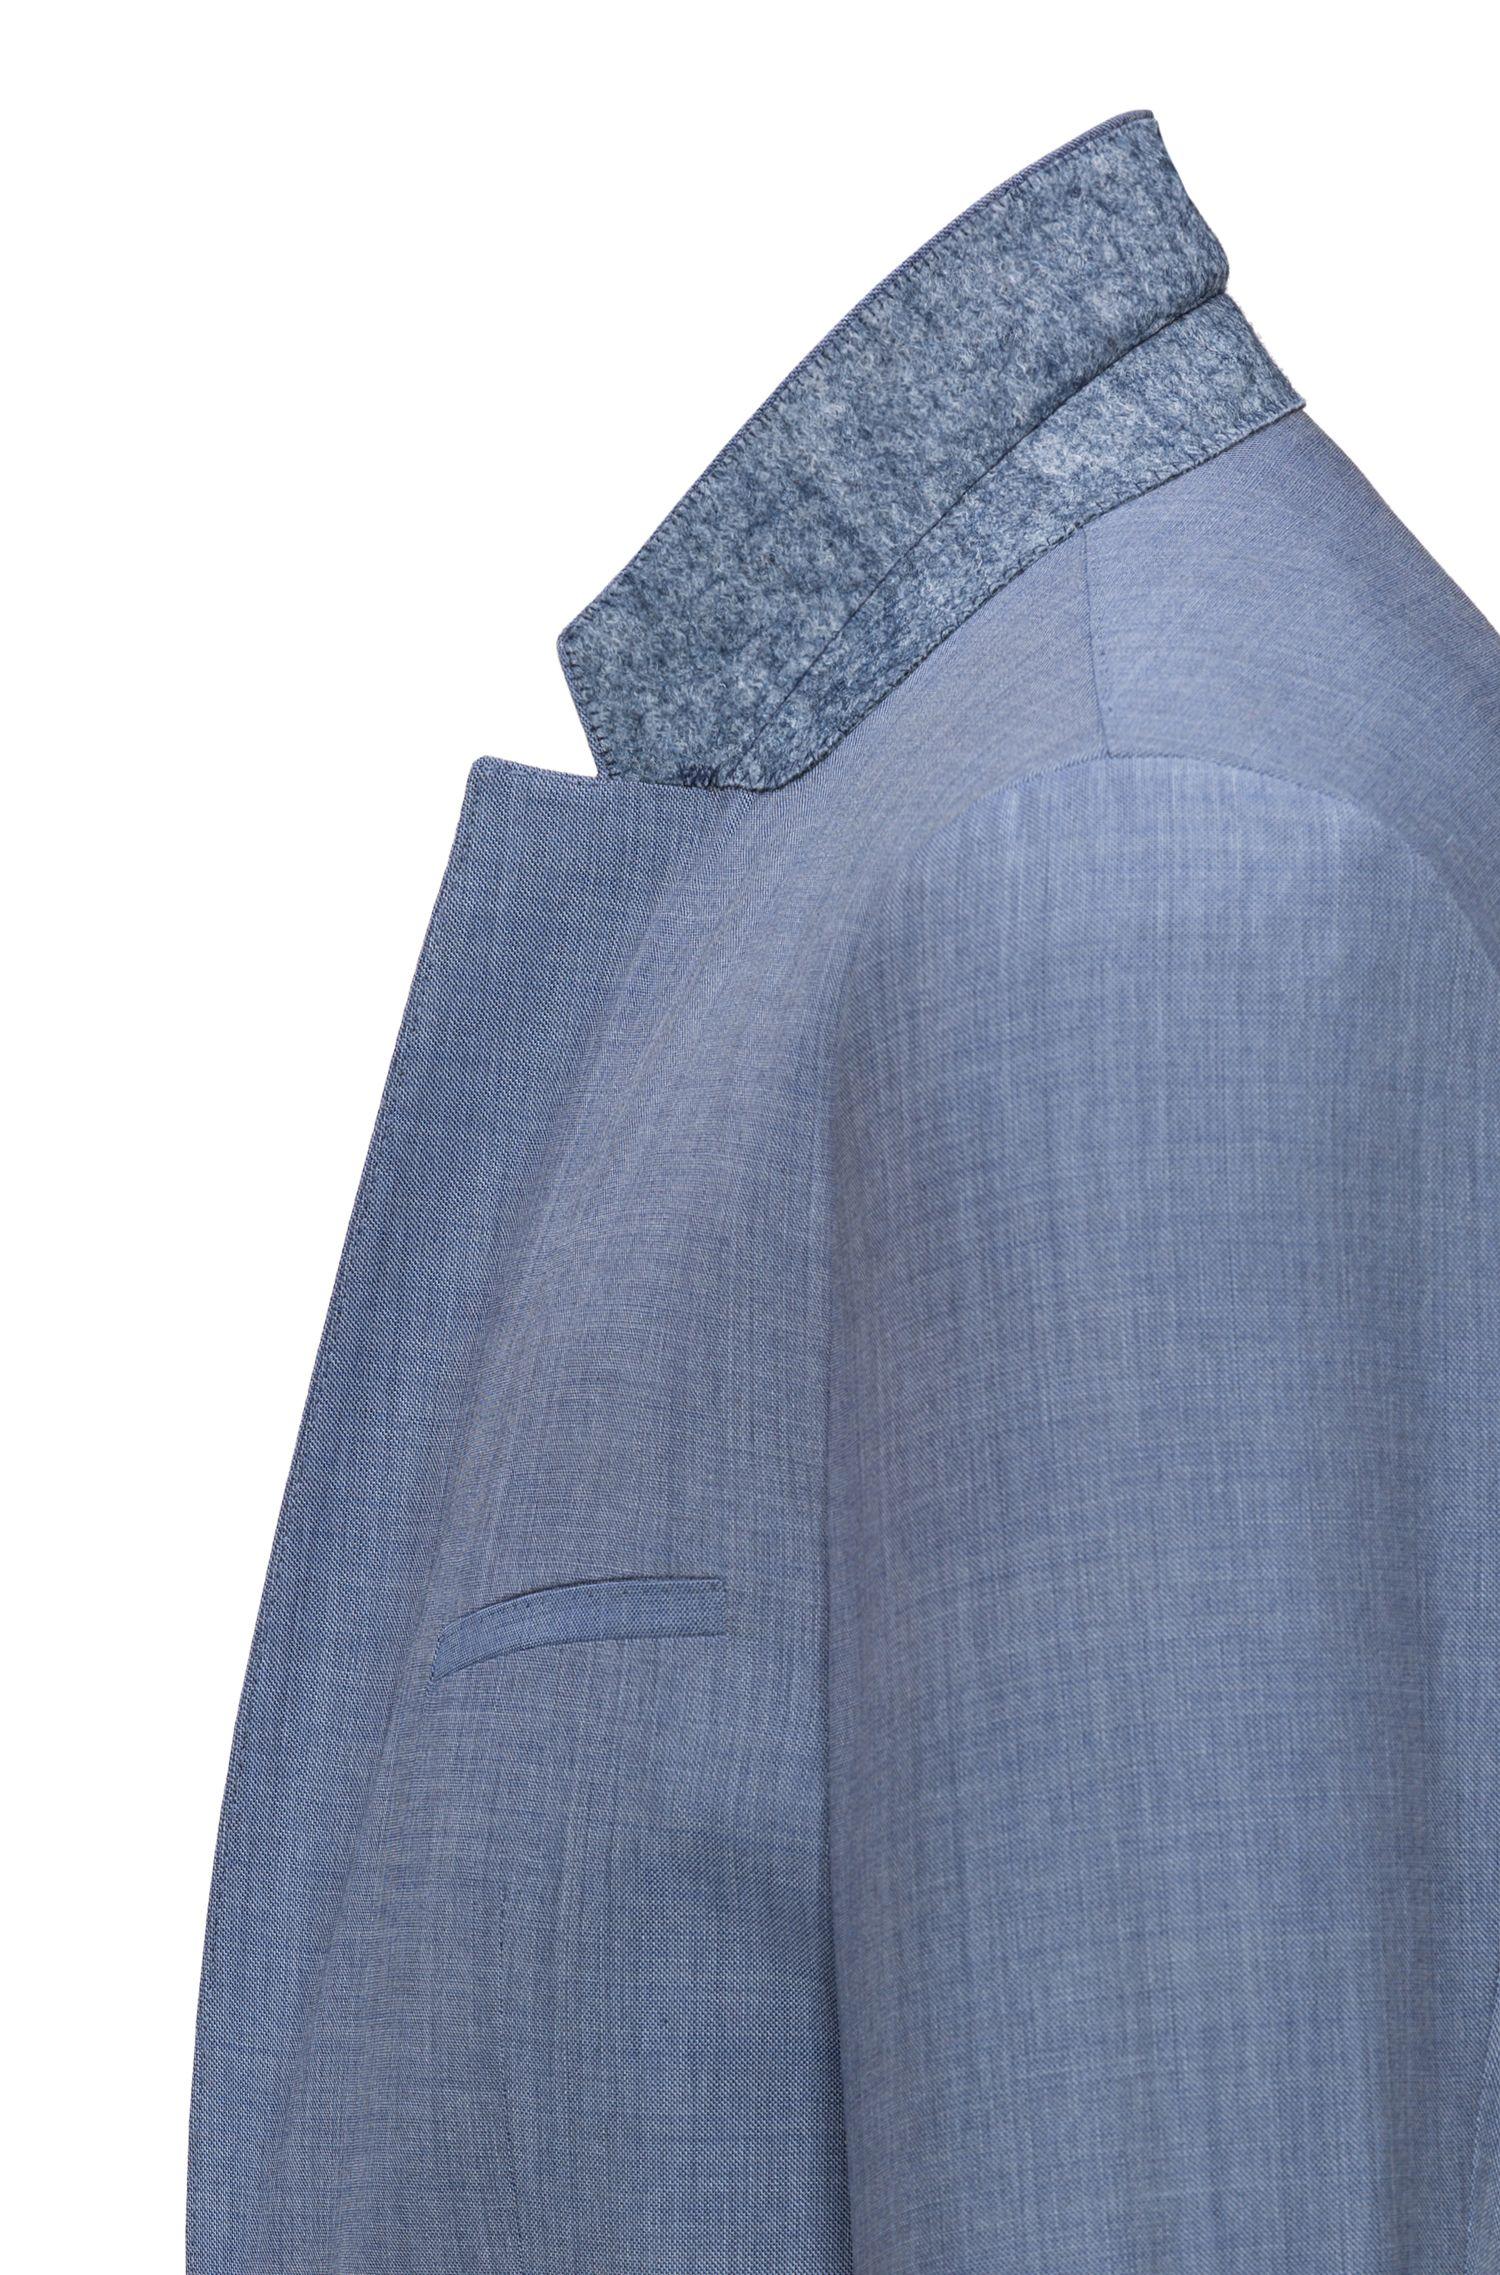 Costume Extra Slim Fit en sergé de laine vierge chinée